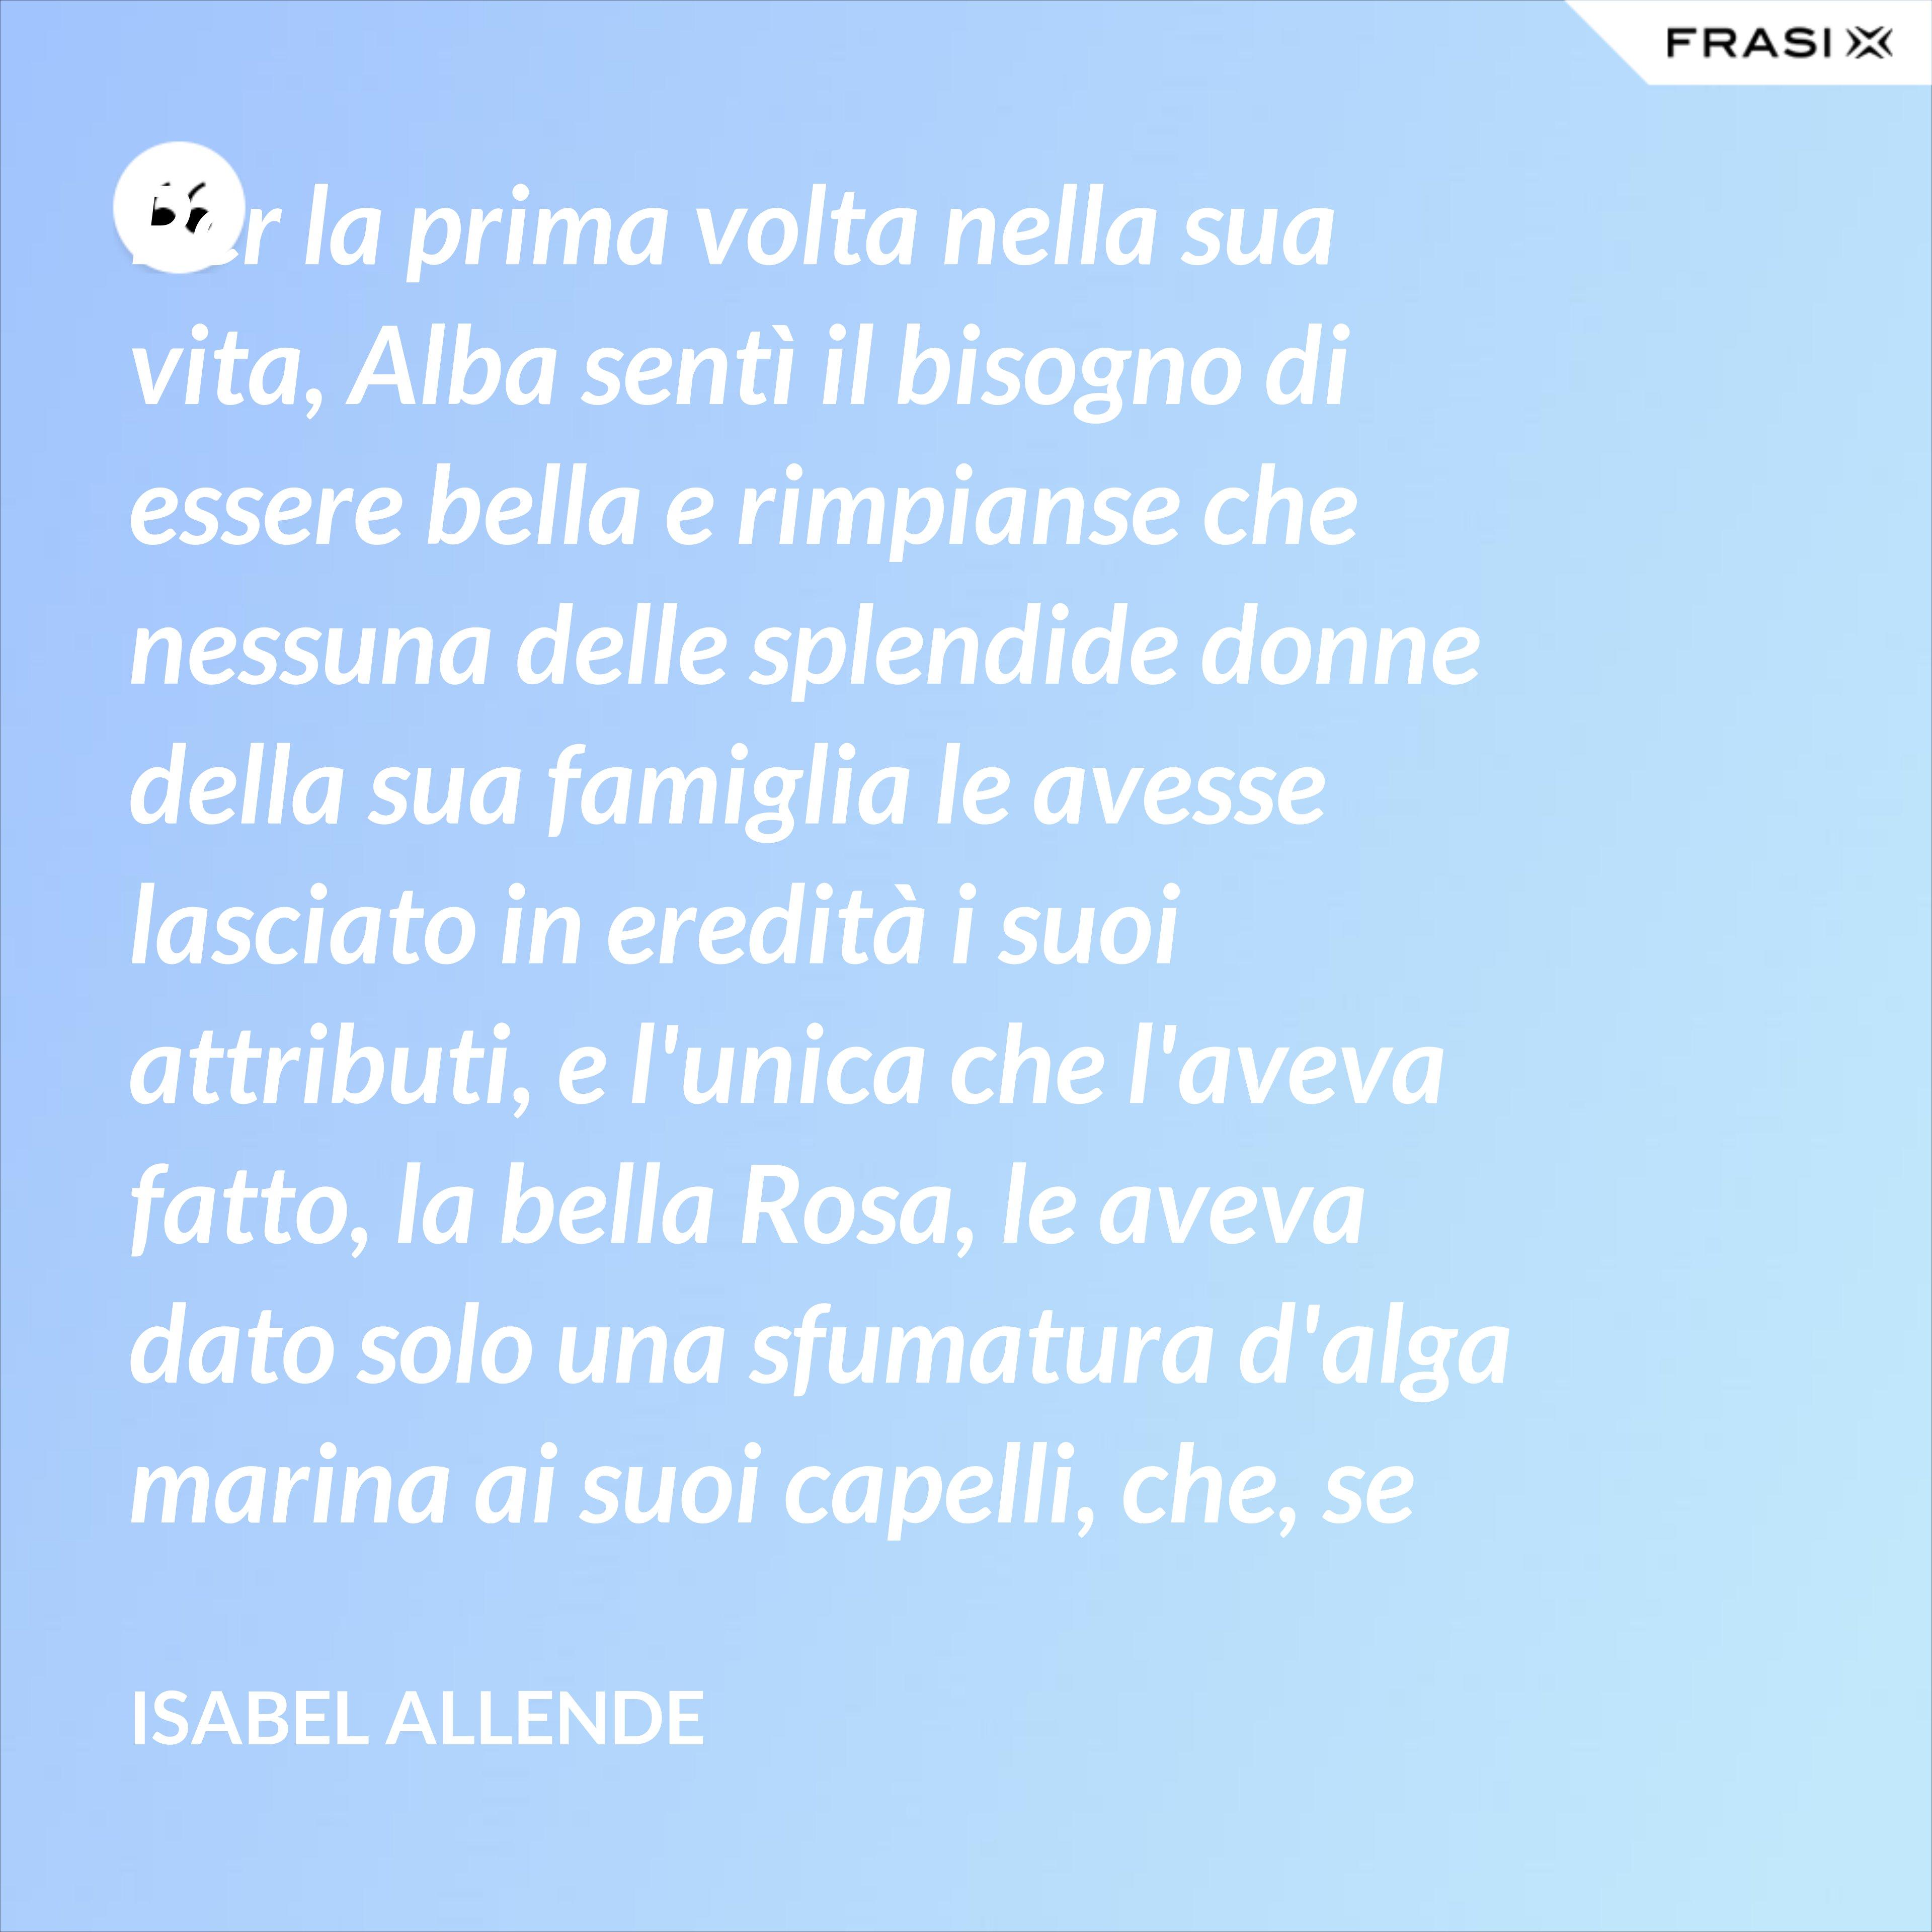 Per la prima volta nella sua vita, Alba sentì il bisogno di essere bella e rimpianse che nessuna delle splendide donne della sua famiglia le avesse lasciato in eredità i suoi attributi, e l'unica che l'aveva fatto, la bella Rosa, le aveva dato solo una sfumatura d'alga marina ai suoi capelli, che, se non era accompagnata da tutto il resto, sembrava piuttosto un errore del parrucchiere. - Isabel Allende